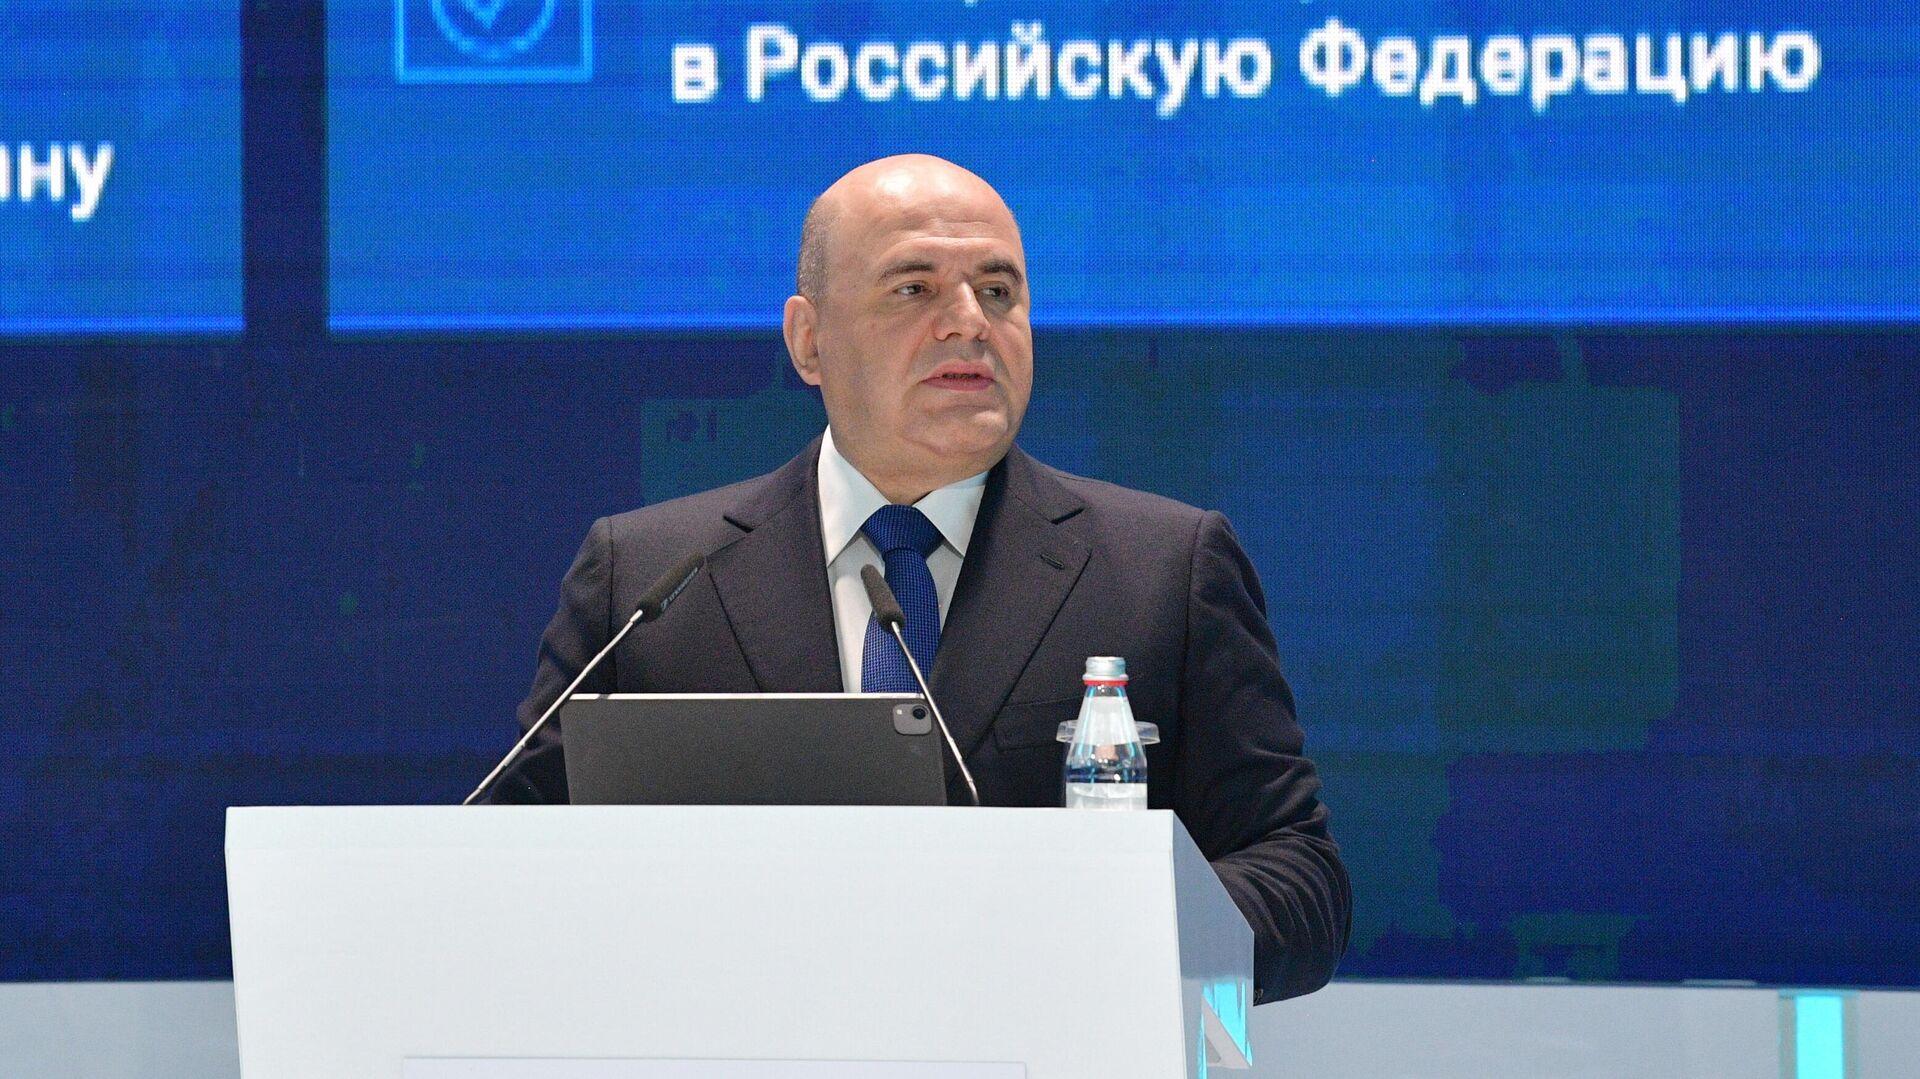 Председатель правительства РФ Михаил Мишустин выступает на пленарной сессии форума Digital Almaty 2021 - РИА Новости, 1920, 05.02.2021